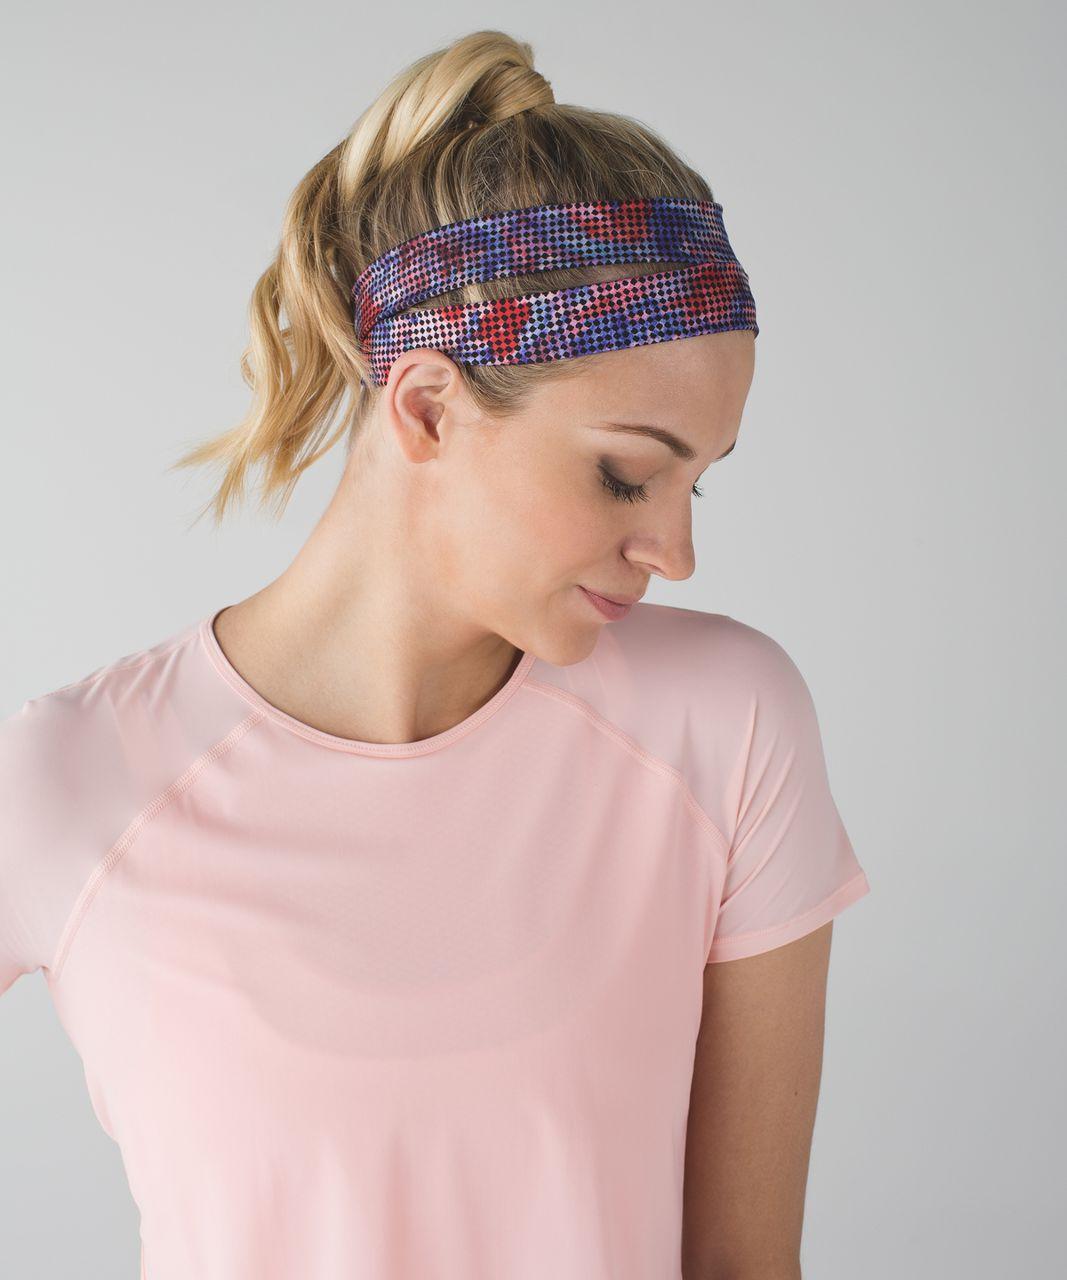 Lululemon Sweat It Out Headband - Checker Blooms Multi